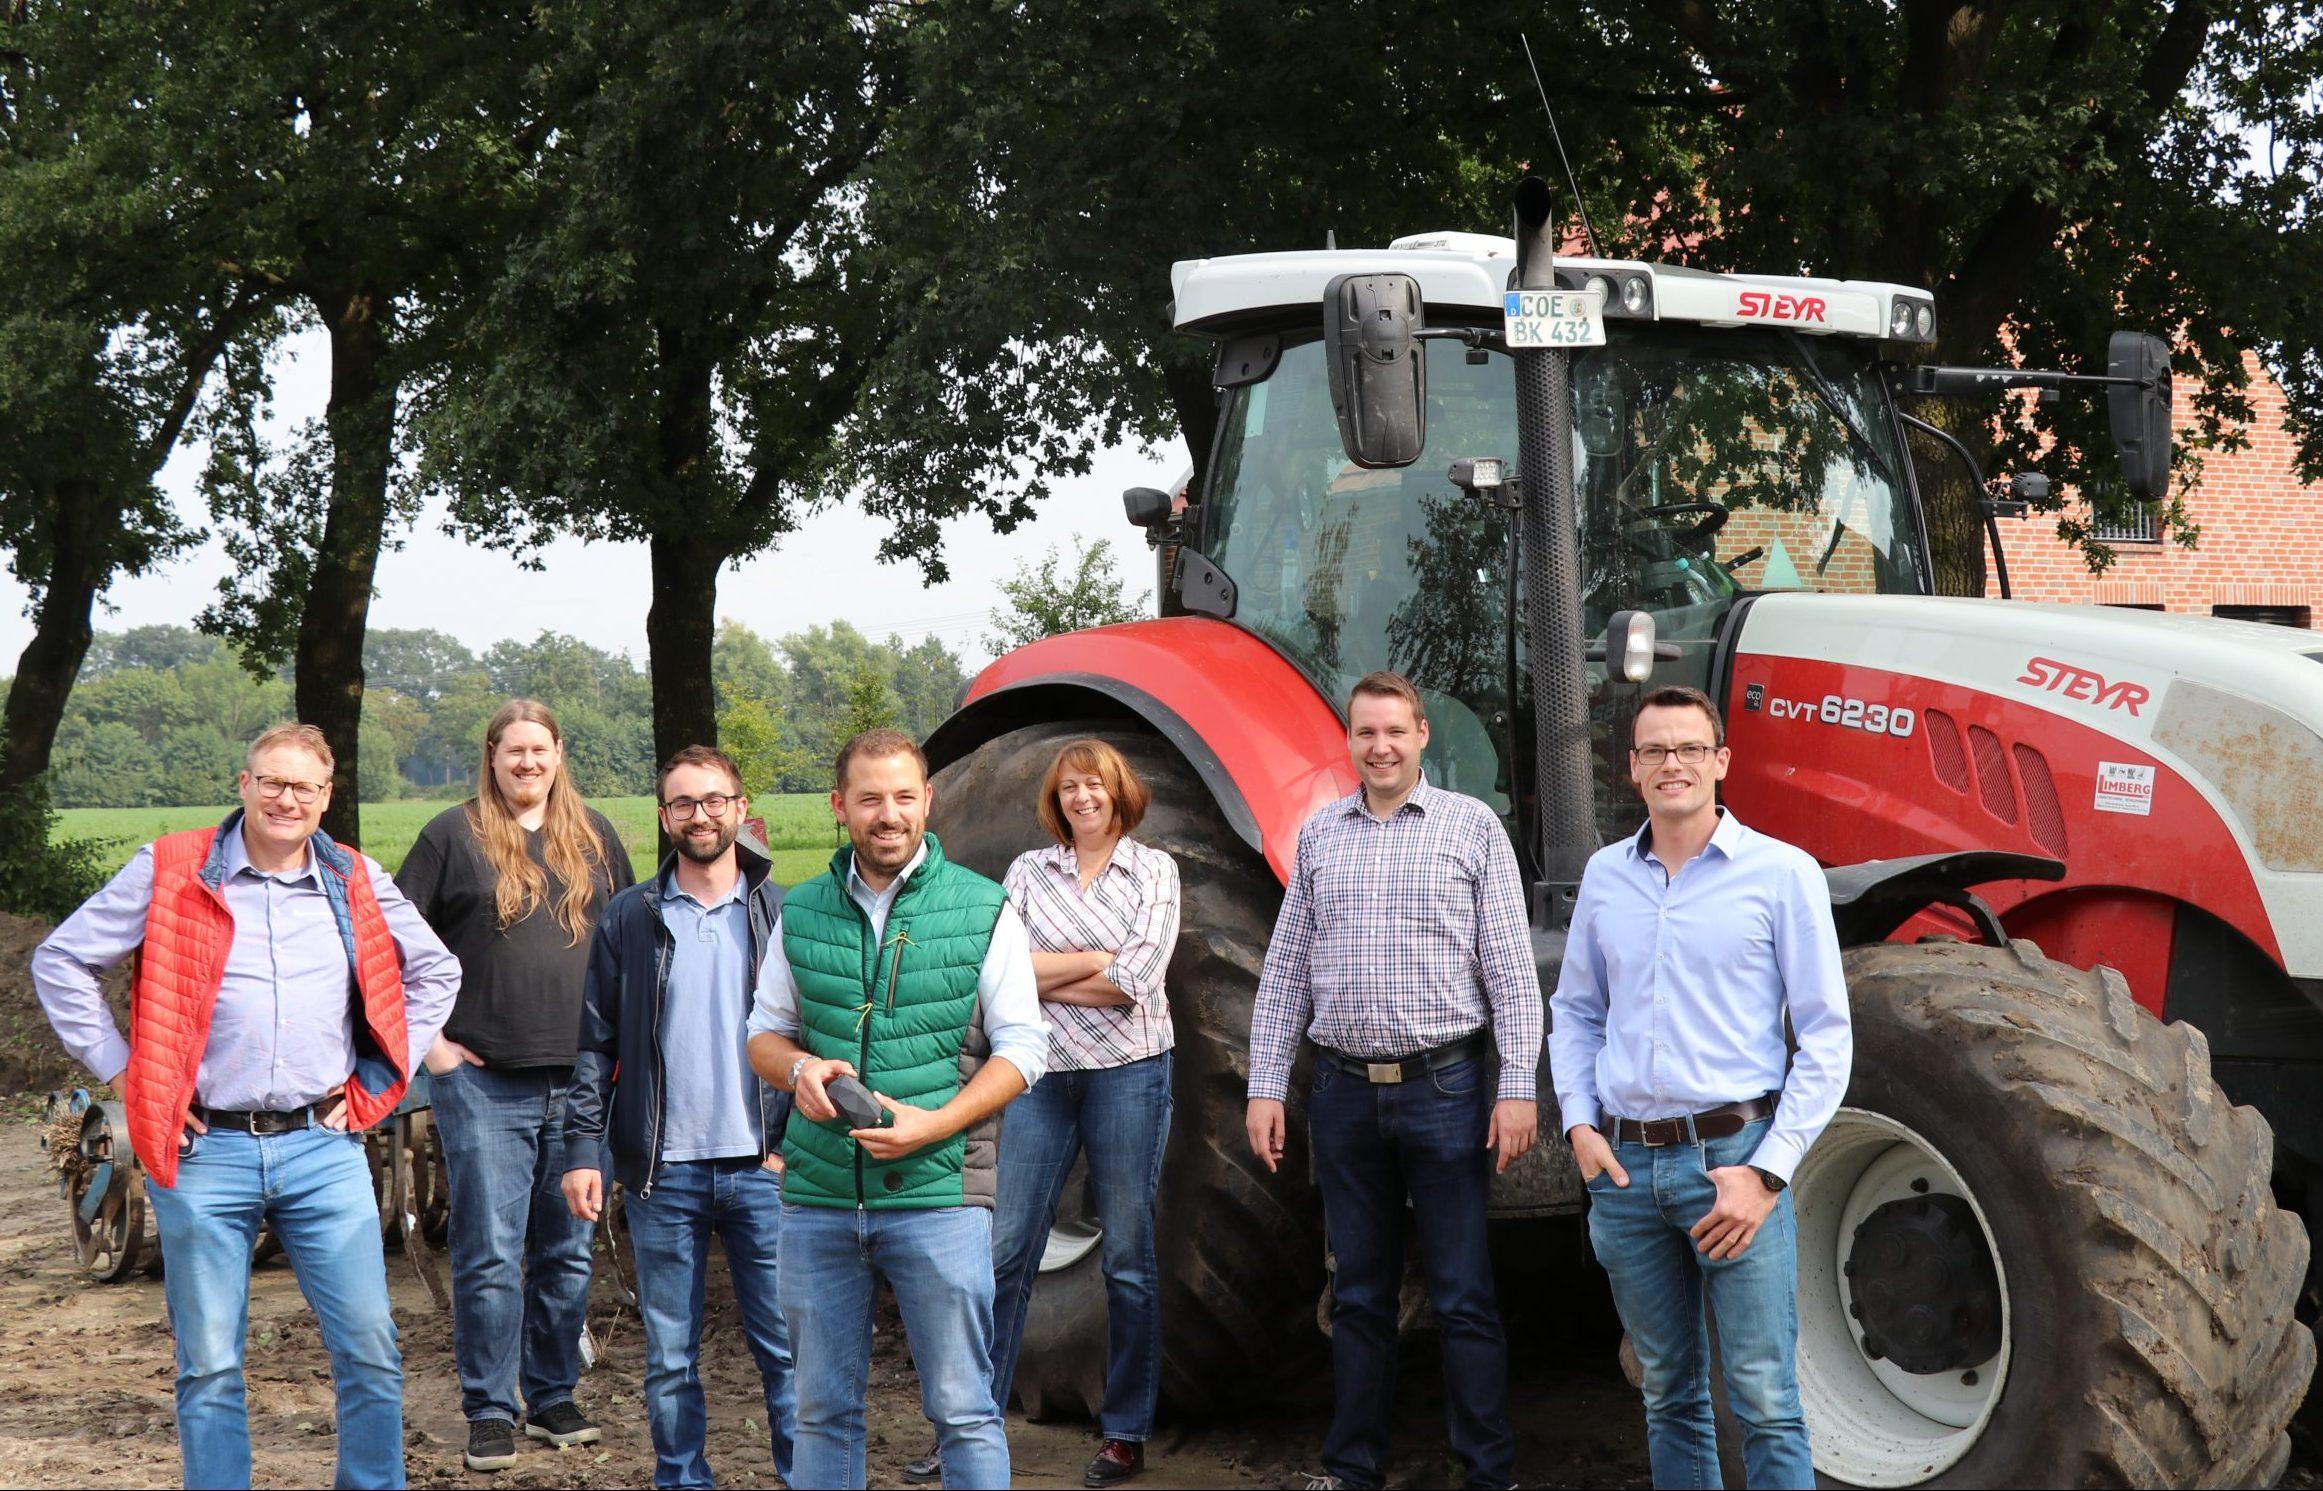 Taking precision farming to the next level